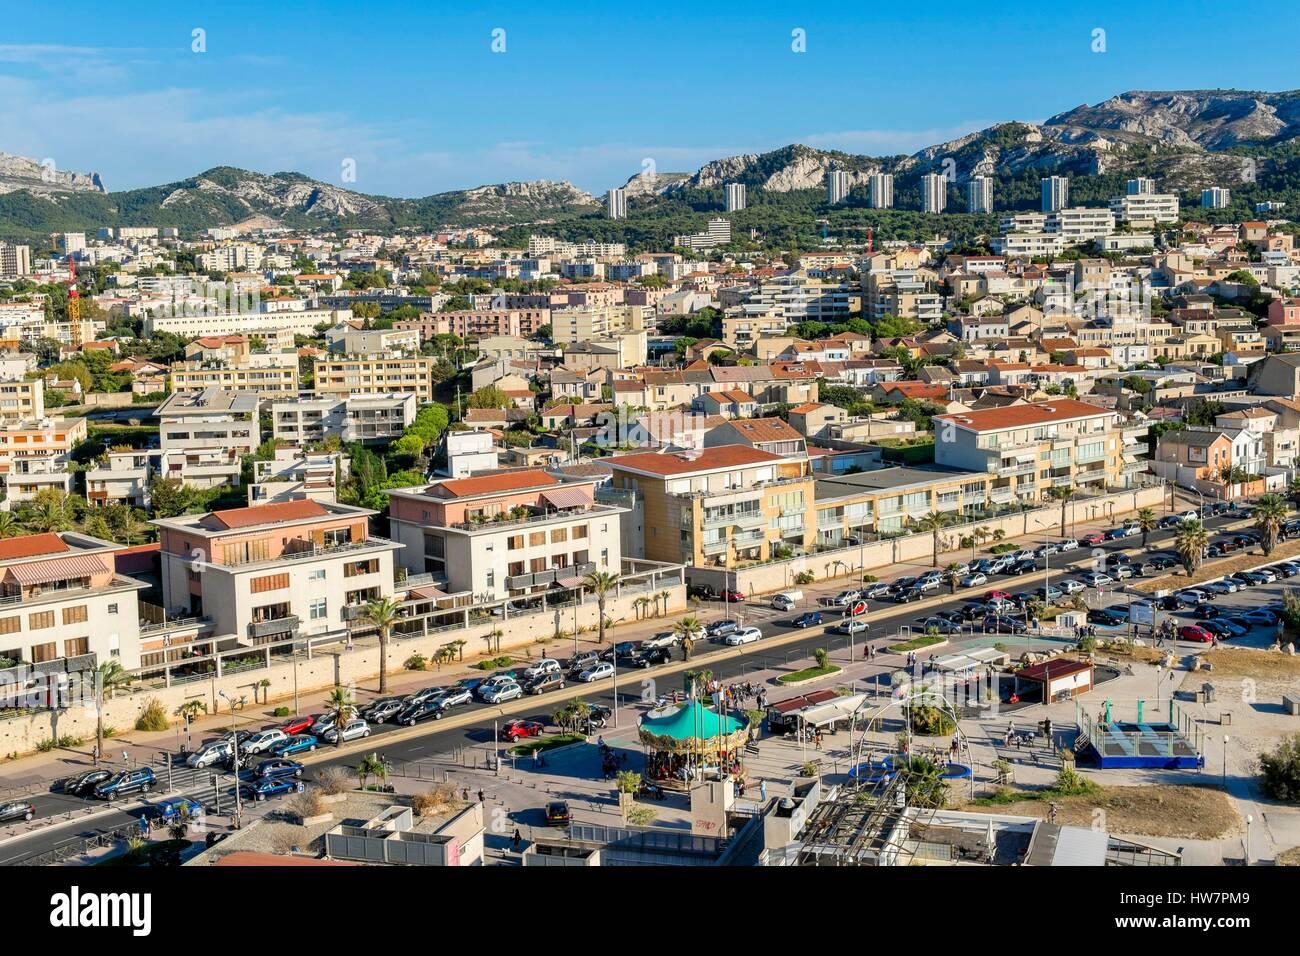 Prado Strände, Avenue Pierre Mendes-France (Luftbild), Marseille, Bouches-du-Rhône, Frankreich Stockbild